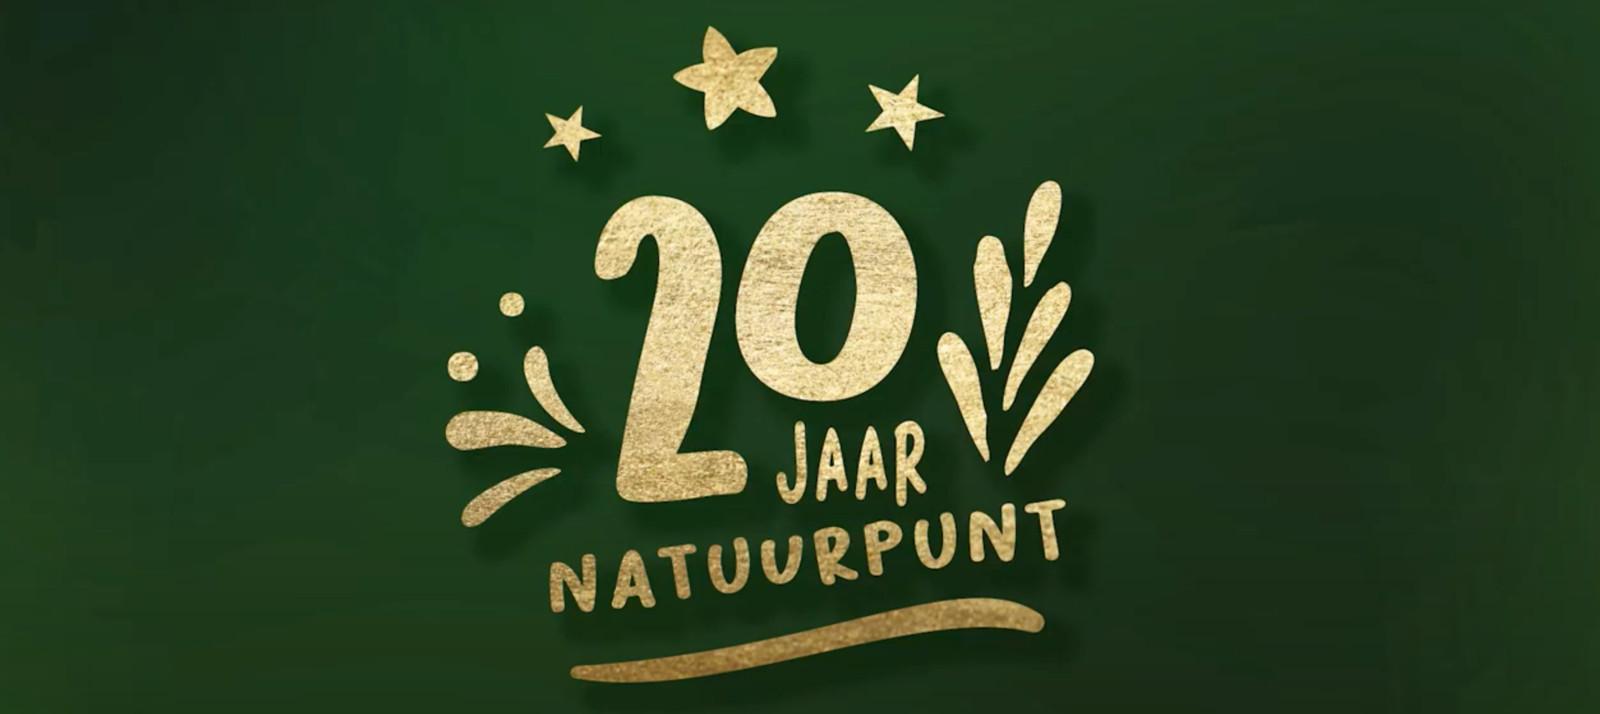 Het 20-jarig bestaan van Natuurpunt wordt gevierd.